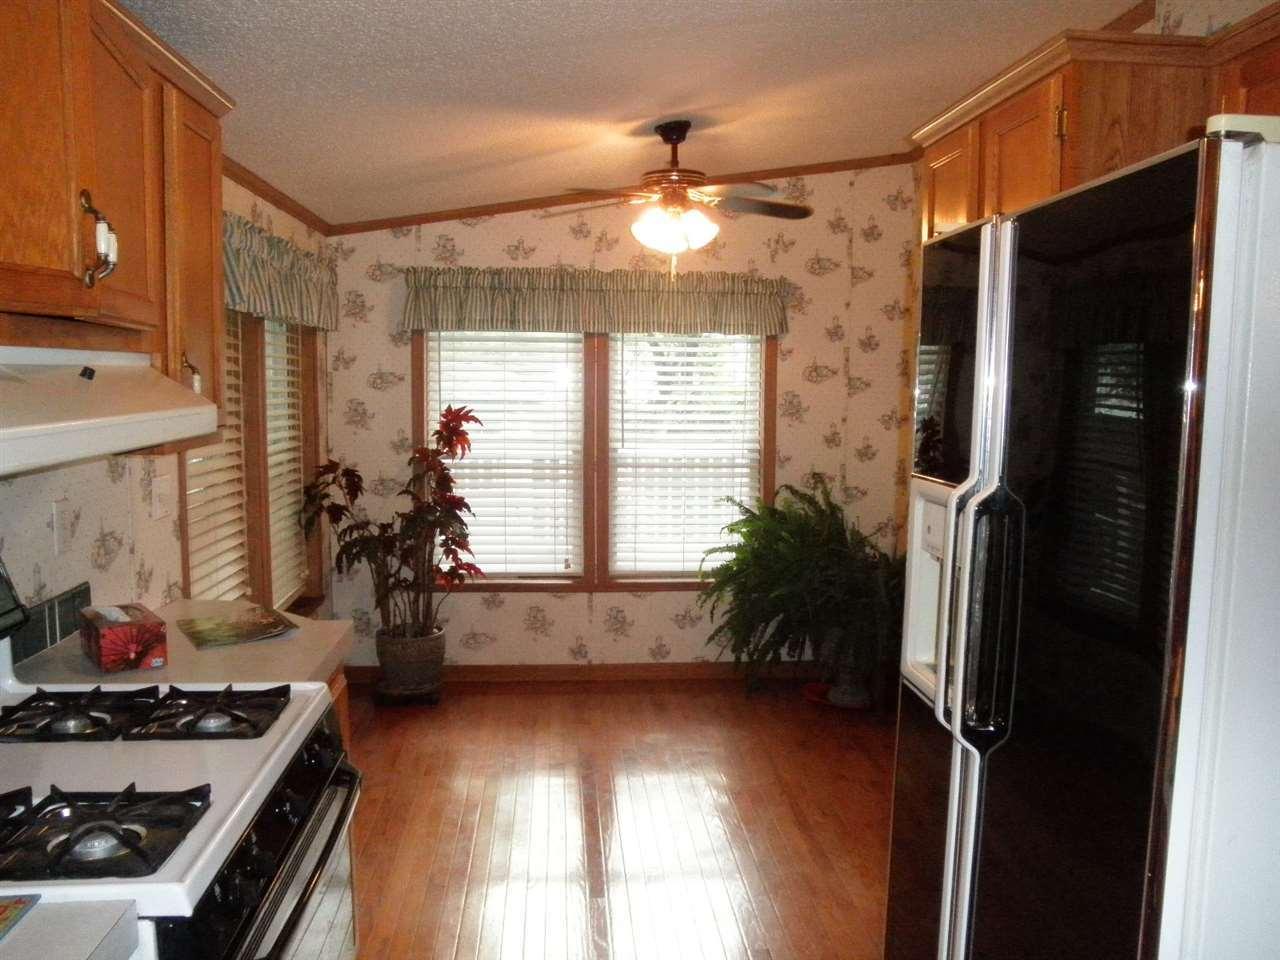 Sold Cross Sale W/ MLS | 1 Northfork Rd. Kaw City, OK 74641 7